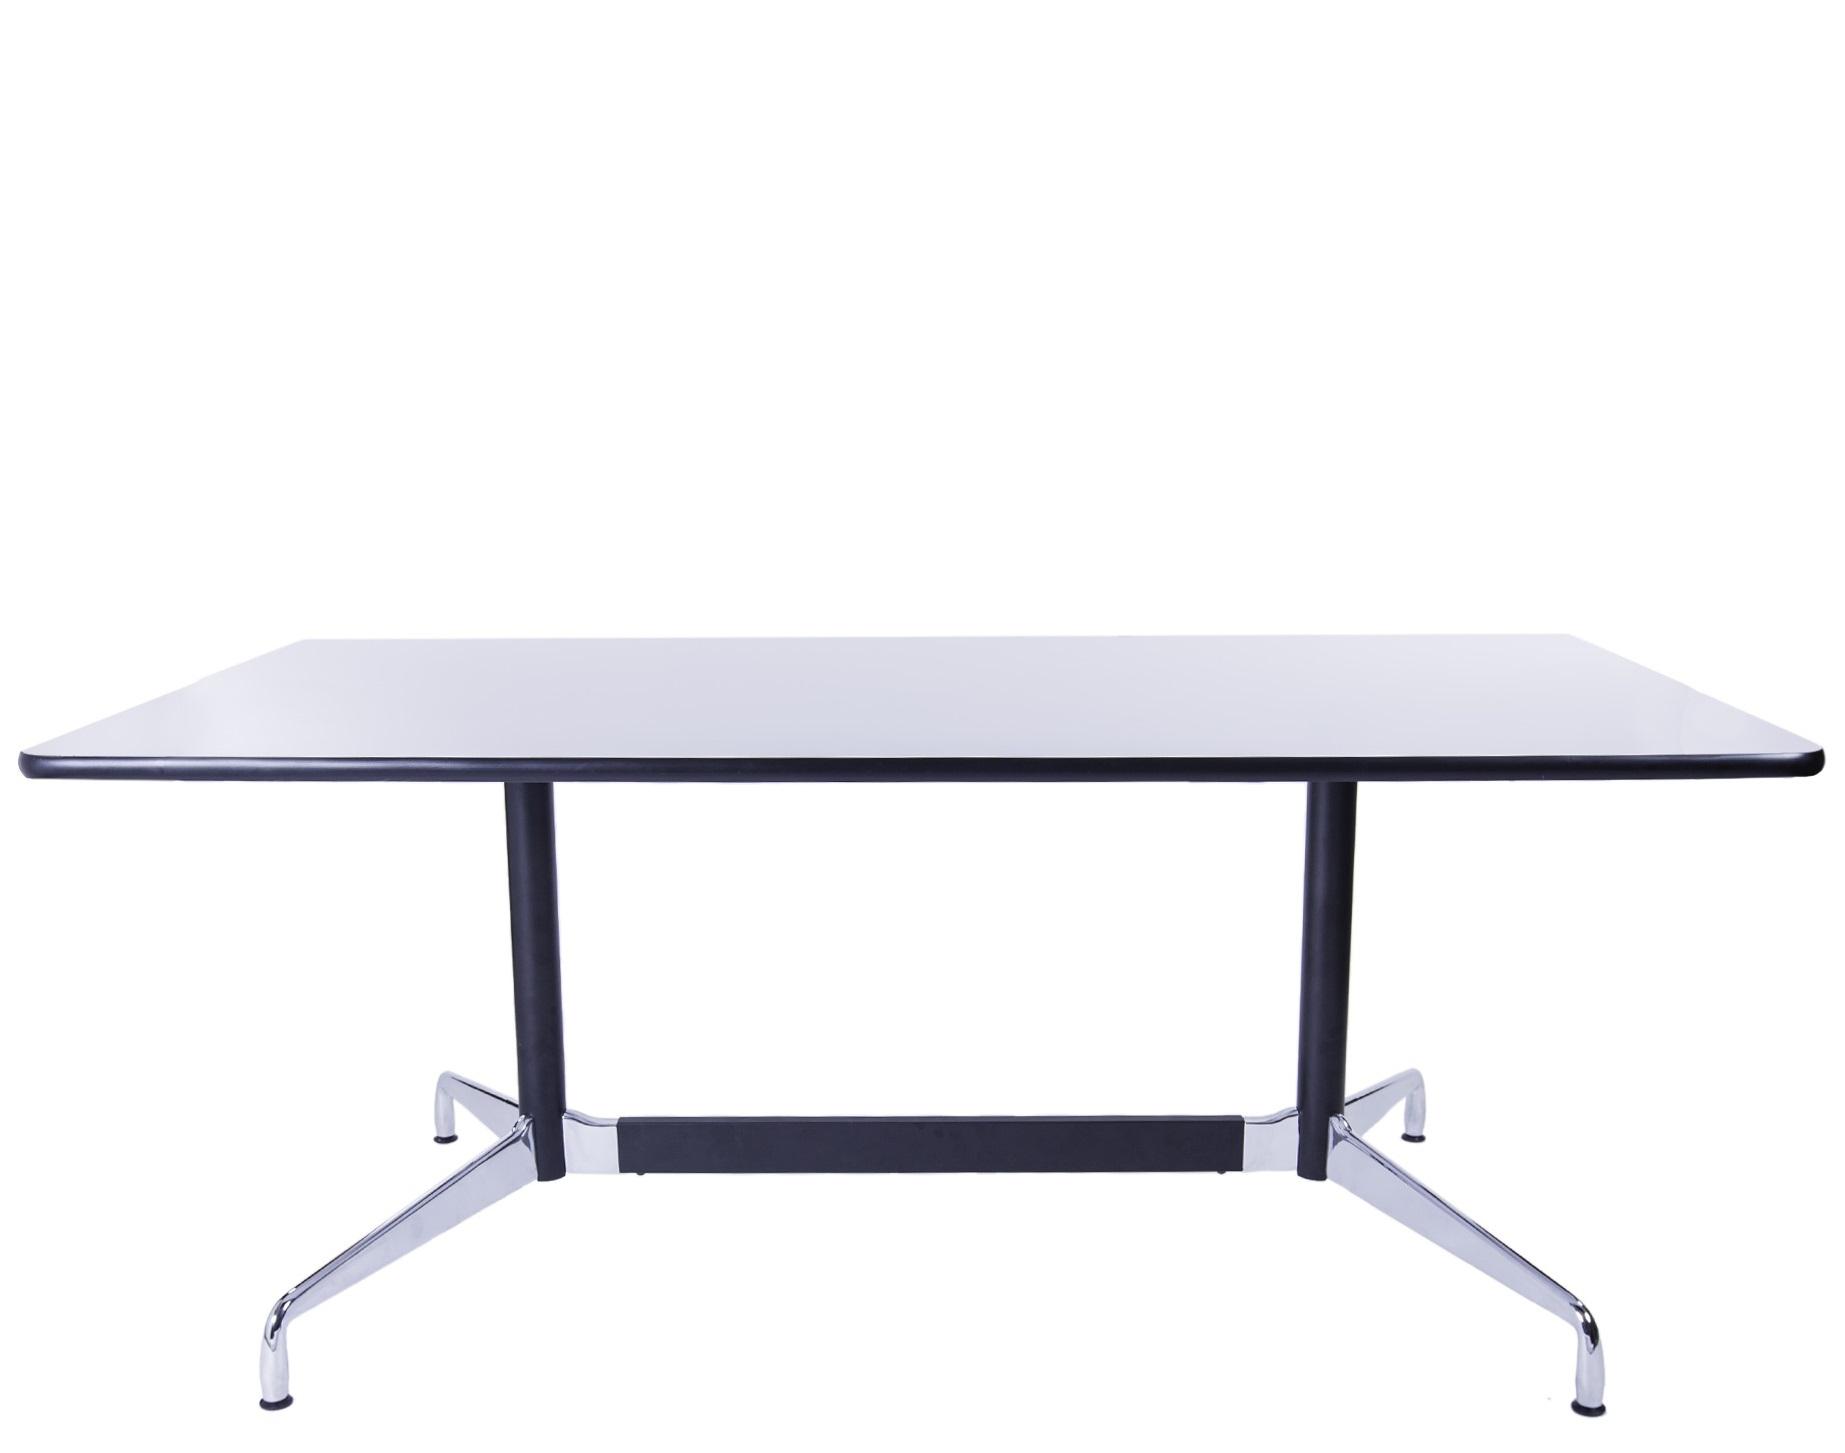 mesa de conferencia EAT Mesa de conferencia blanco